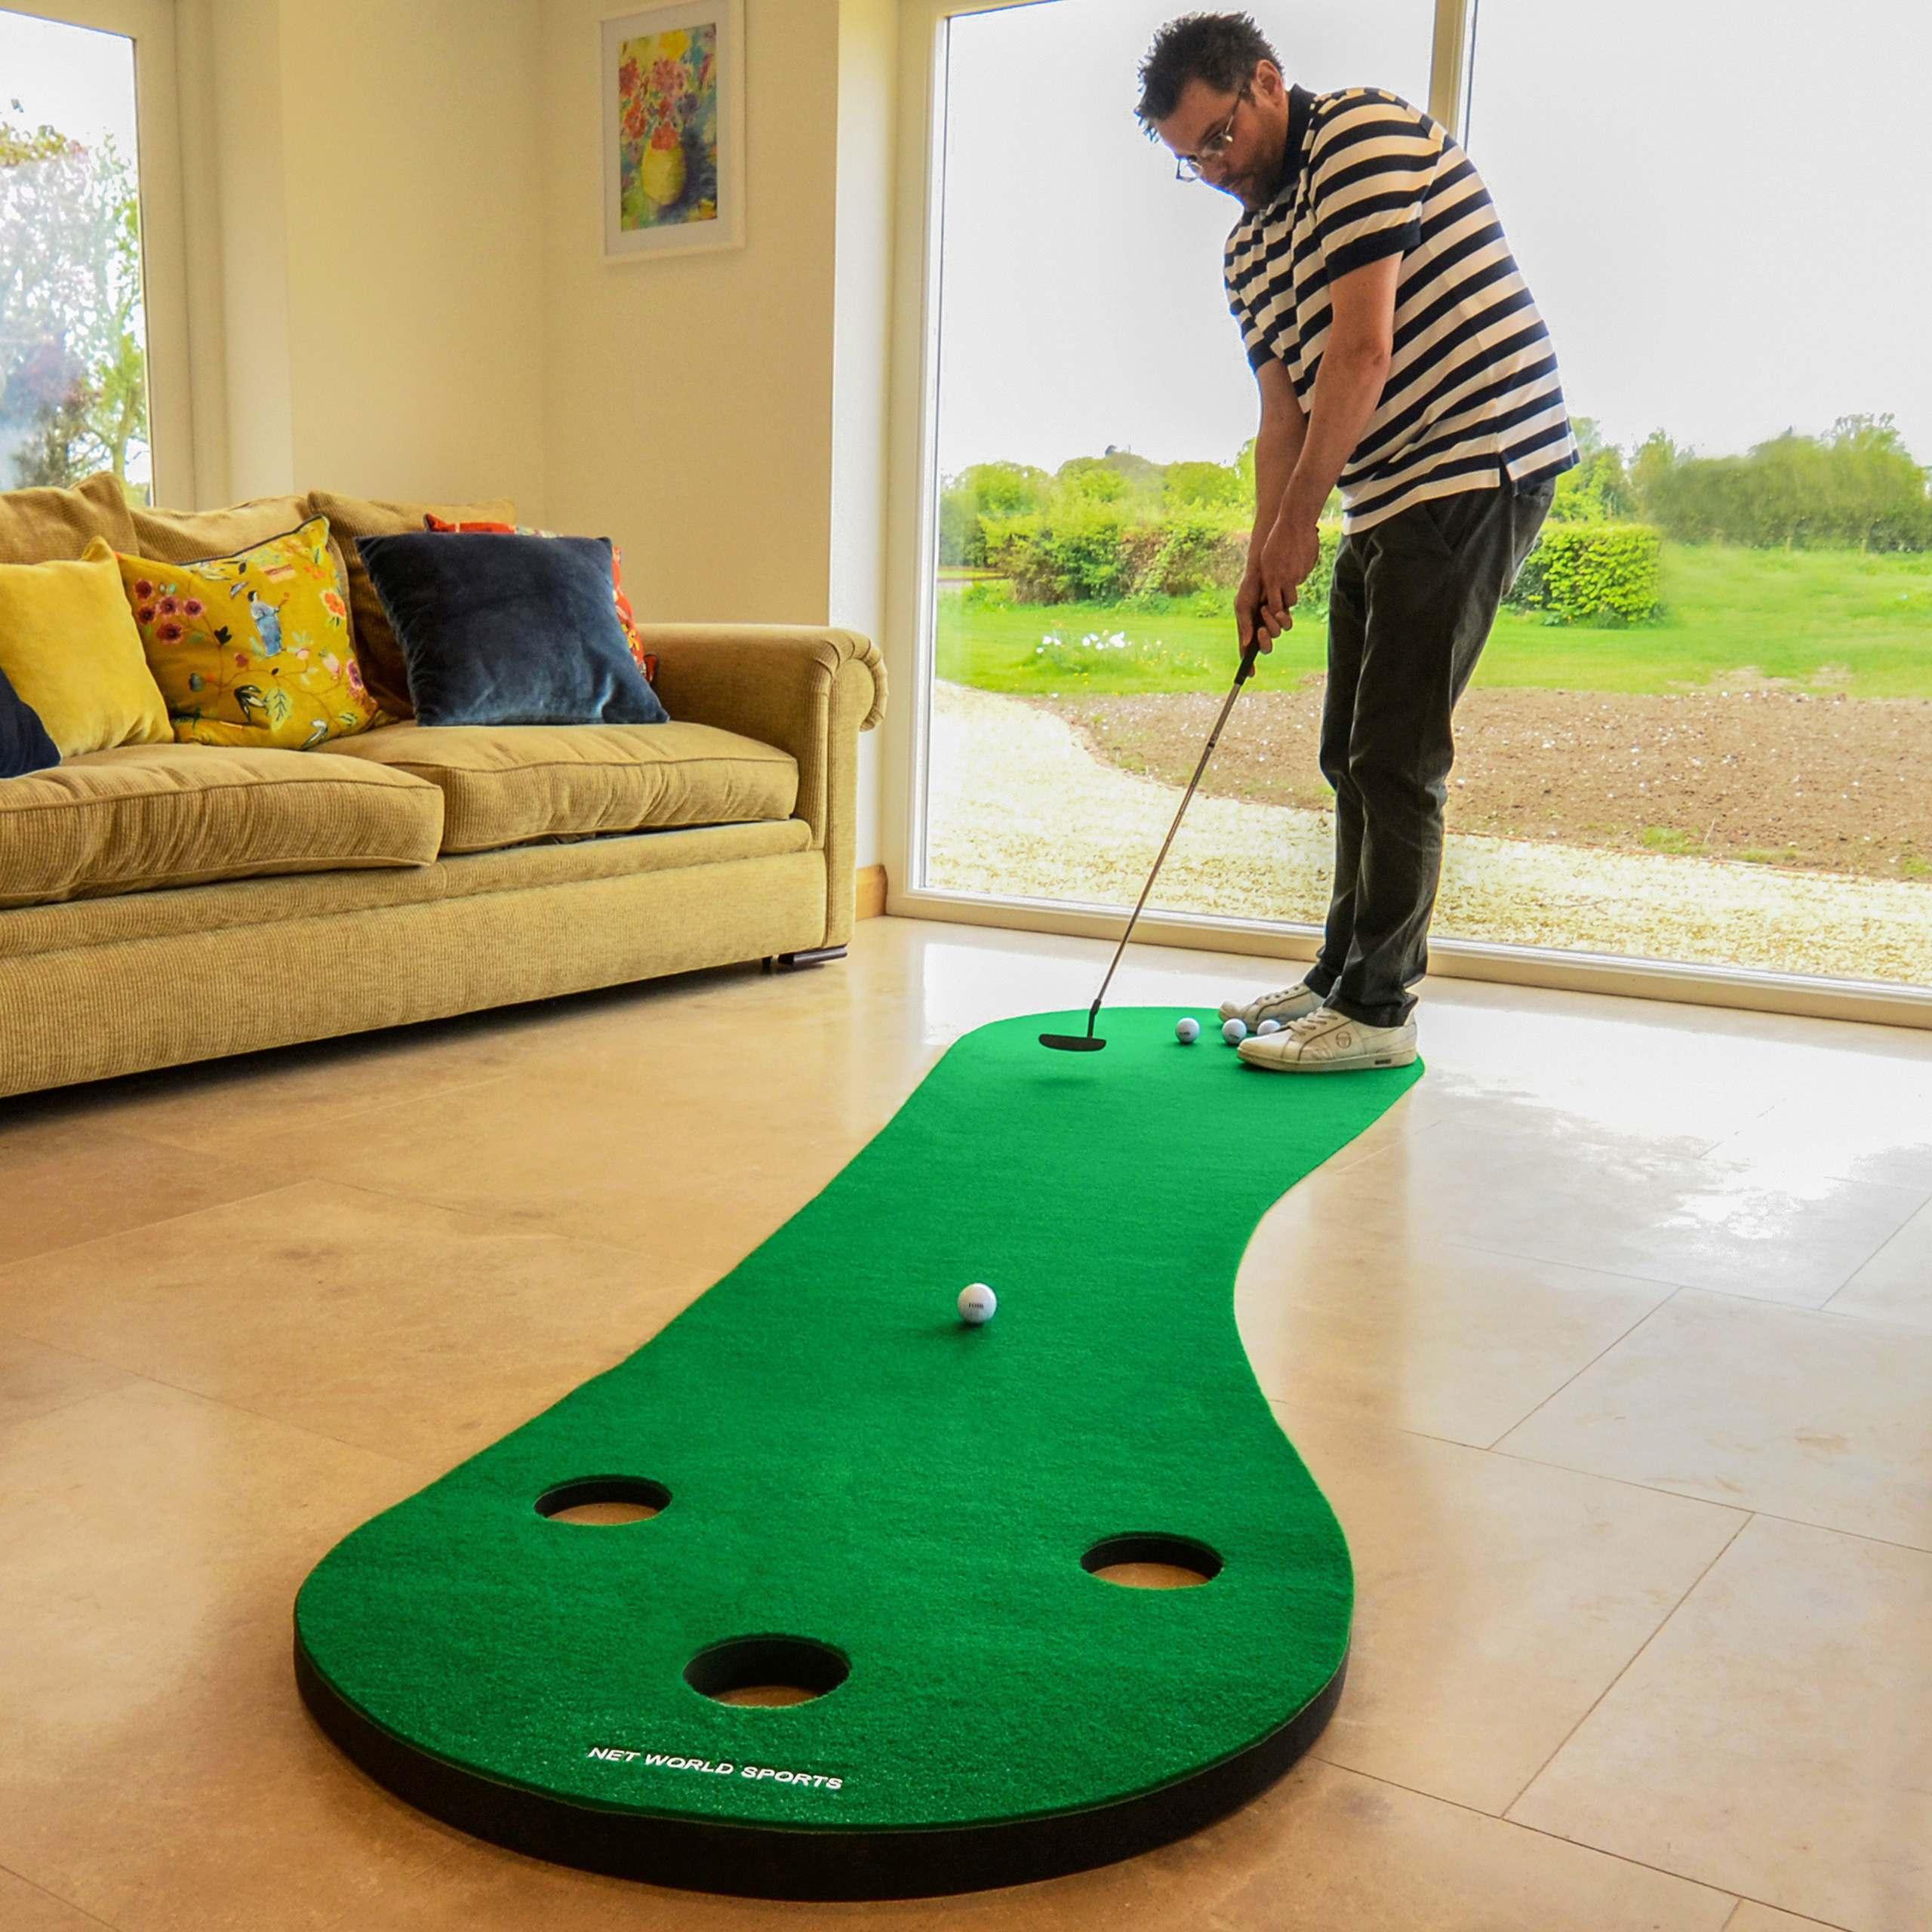 FORB Home Putting Mat | Golf Putting Mats | Golf | Net World Sports